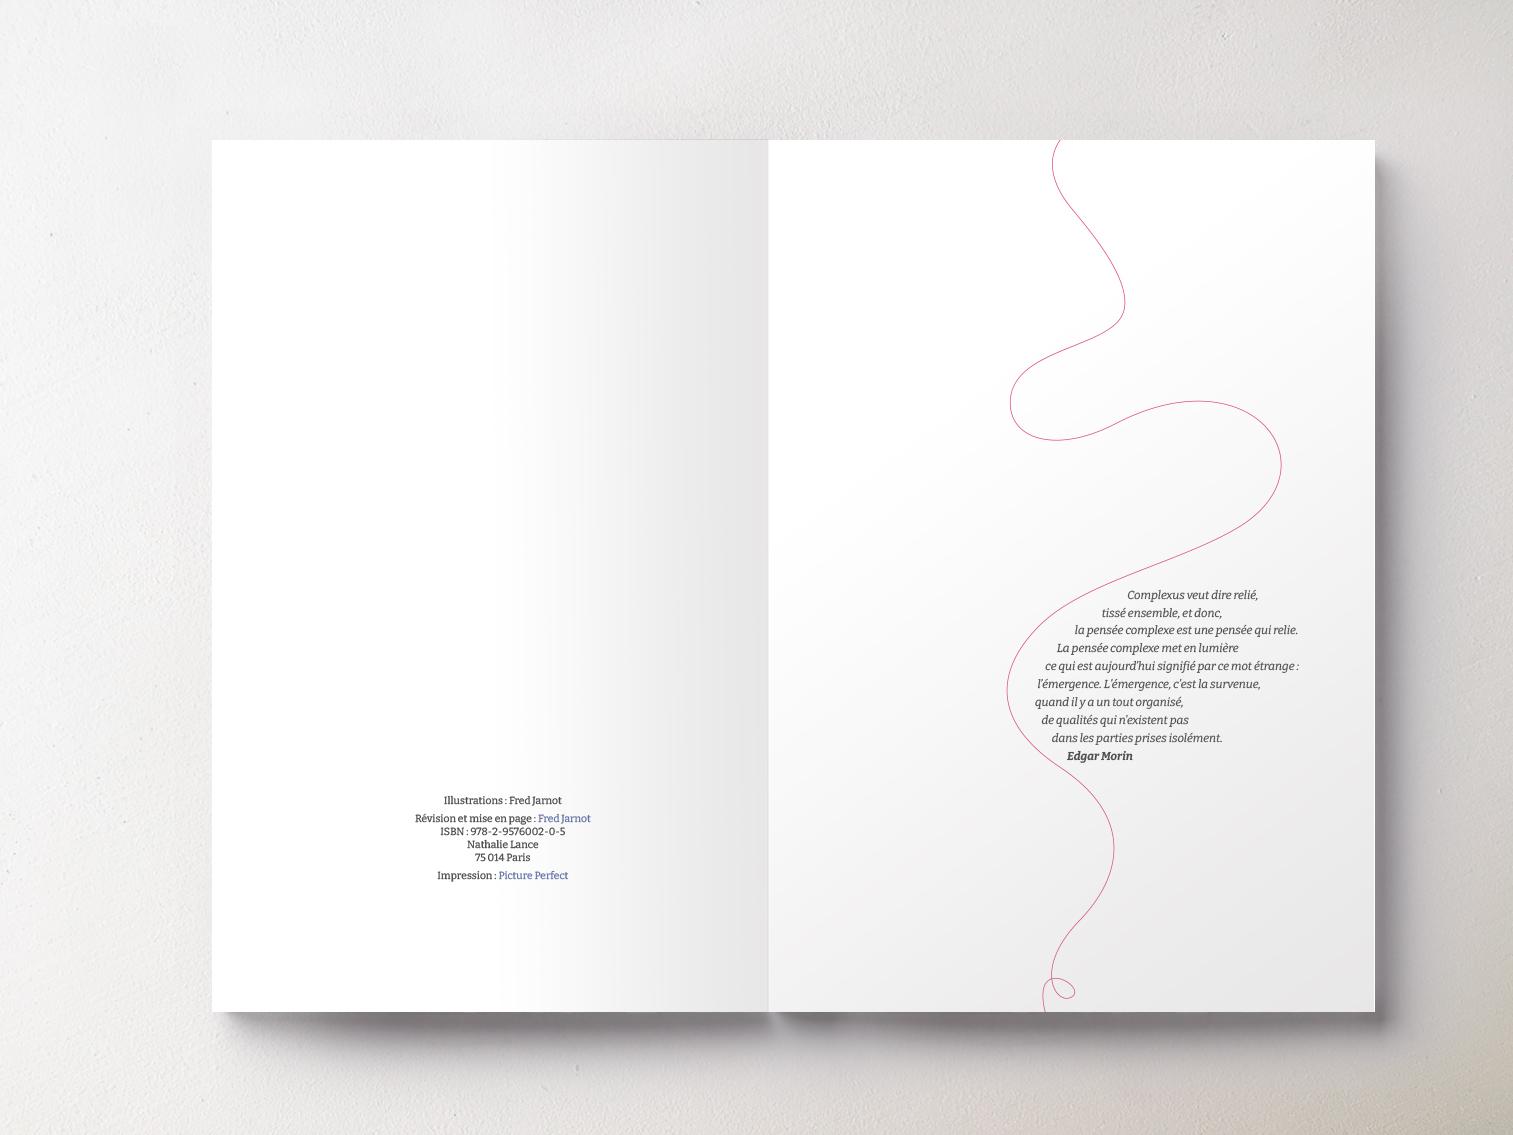 Livre Méthode Lance pages citation